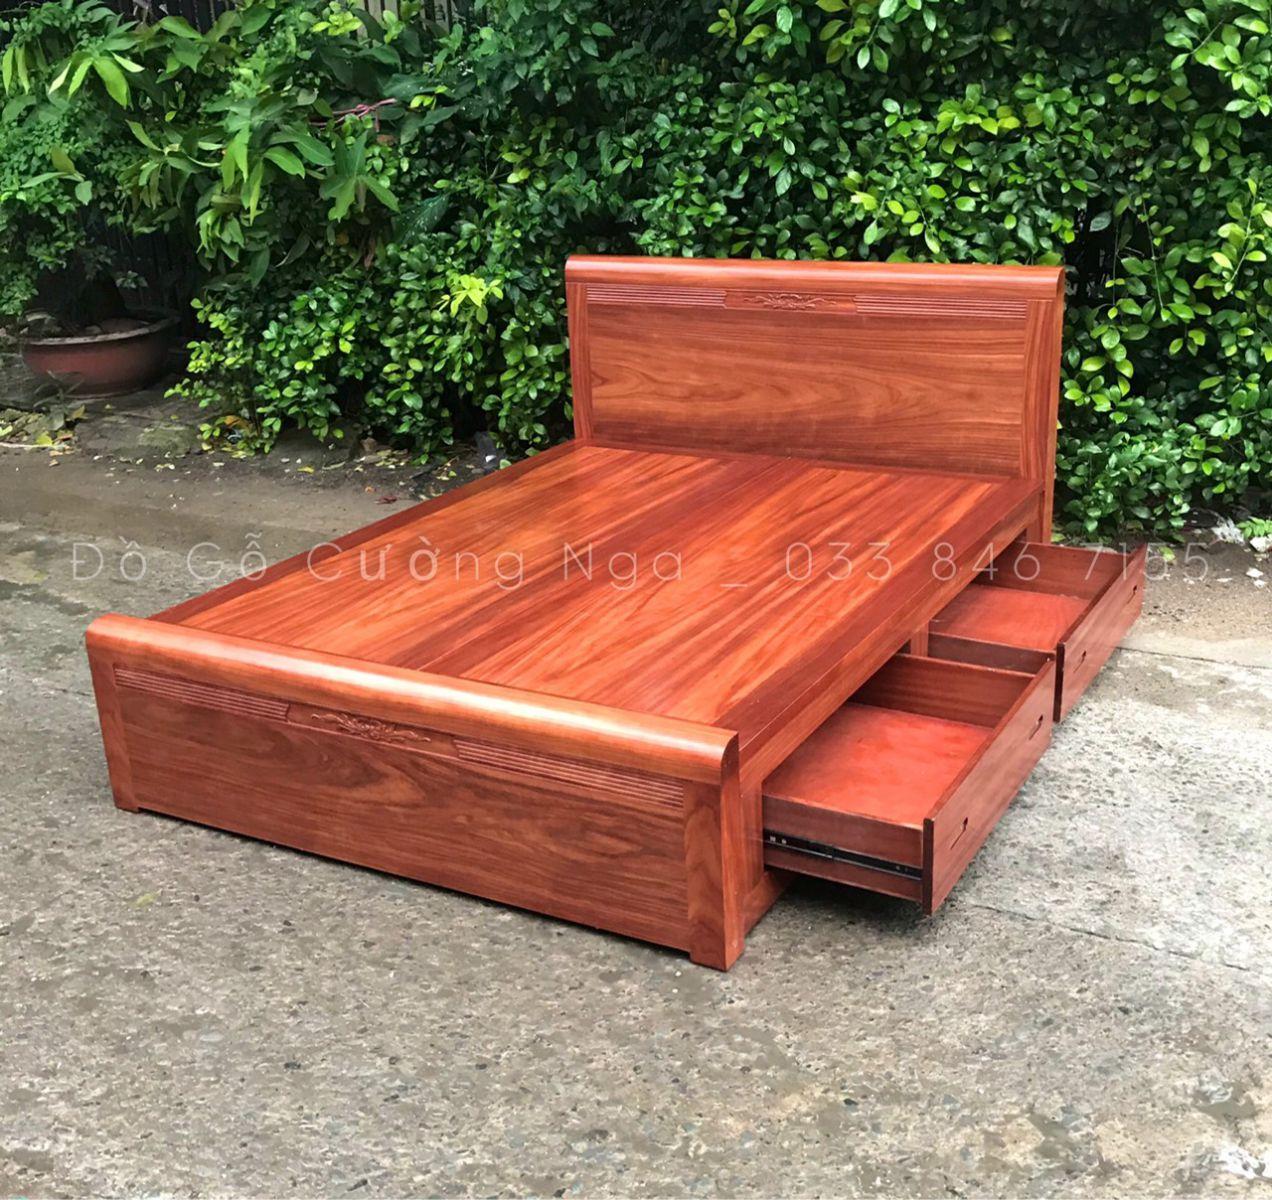 giường ô keo gỗ cẩm